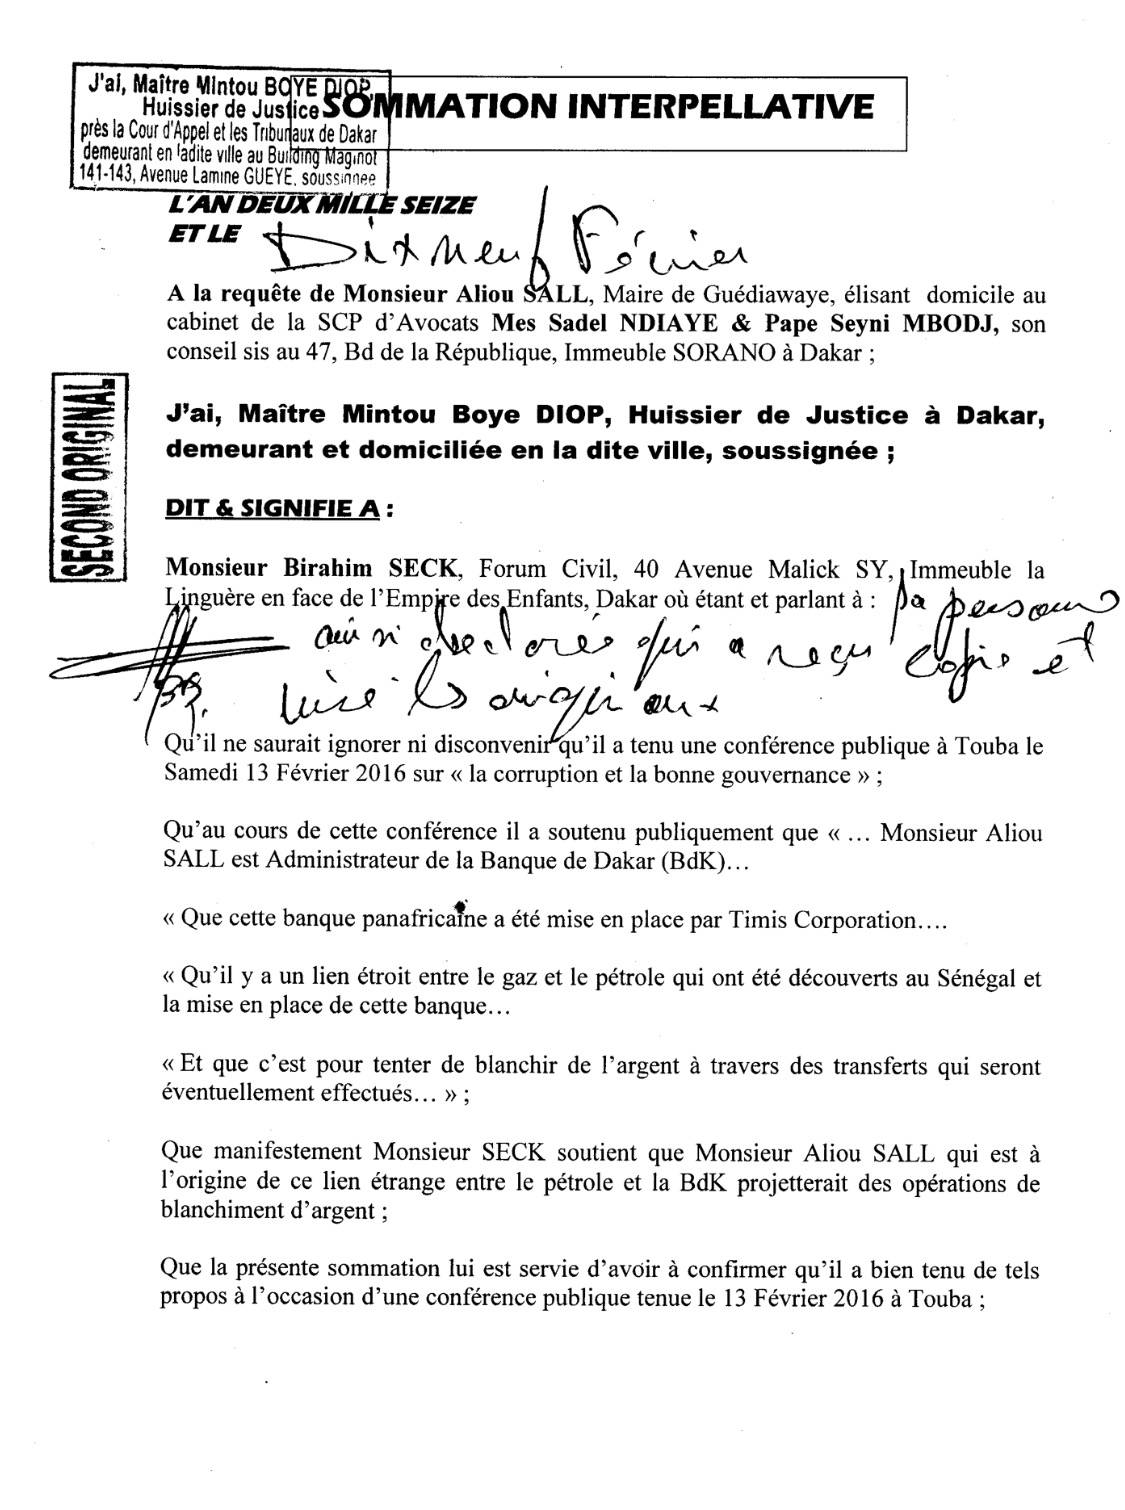 GRAVES ACCUSATIONS CONTRE ALIOU SALL : Birahim Seck a-t-il enclenché sa parade ?